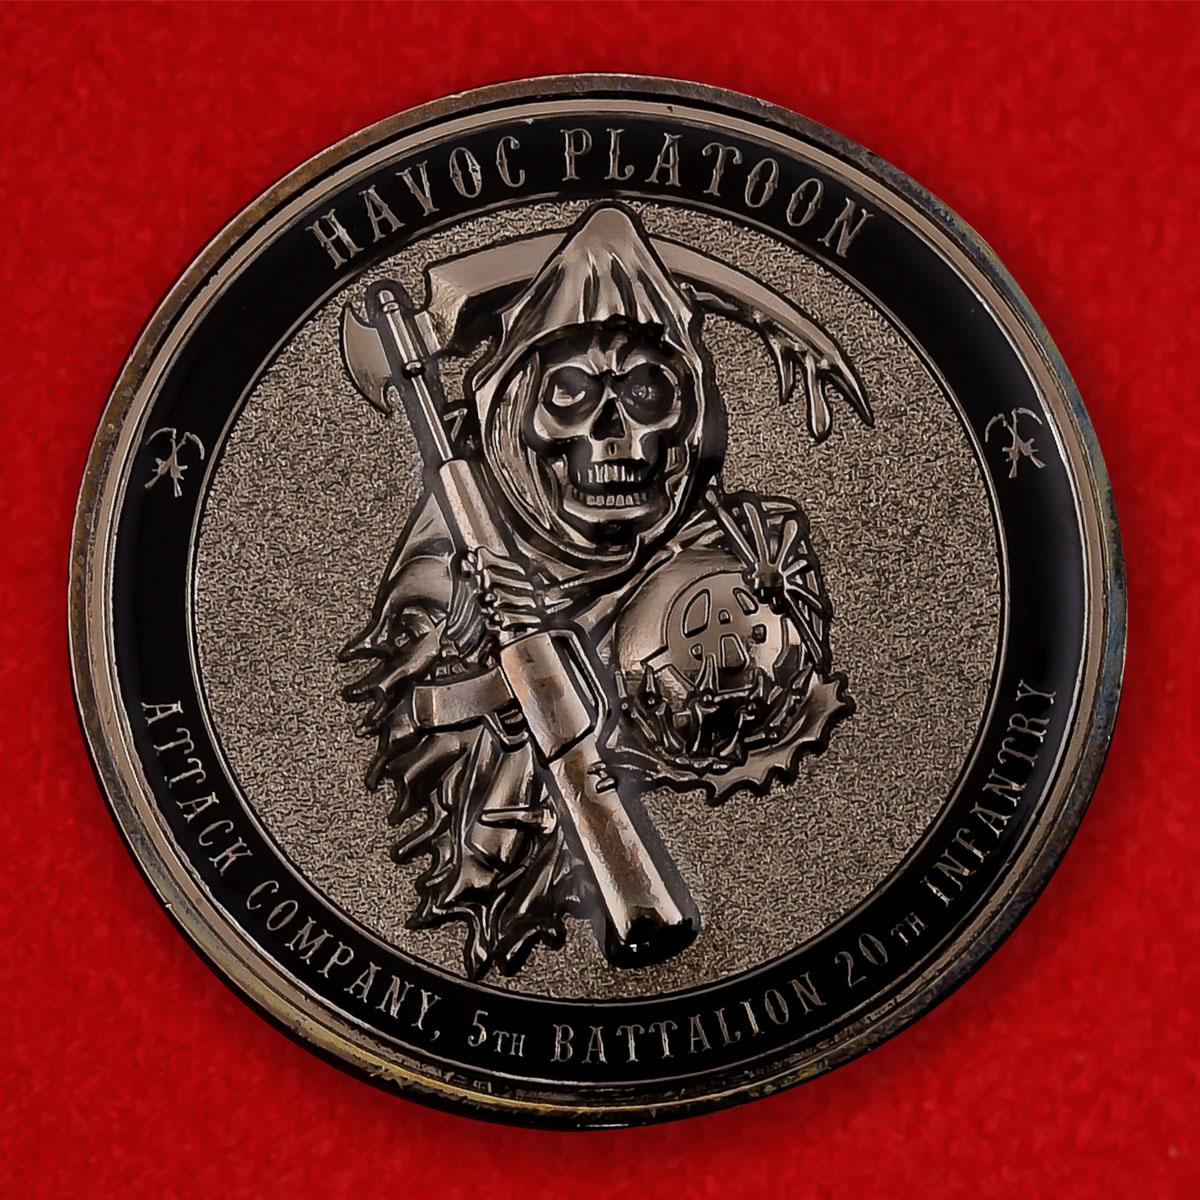 """Челлендж коин 5-го батальона 20-го пехотного полка армии США """"Операция Несокрушимая свобода"""""""